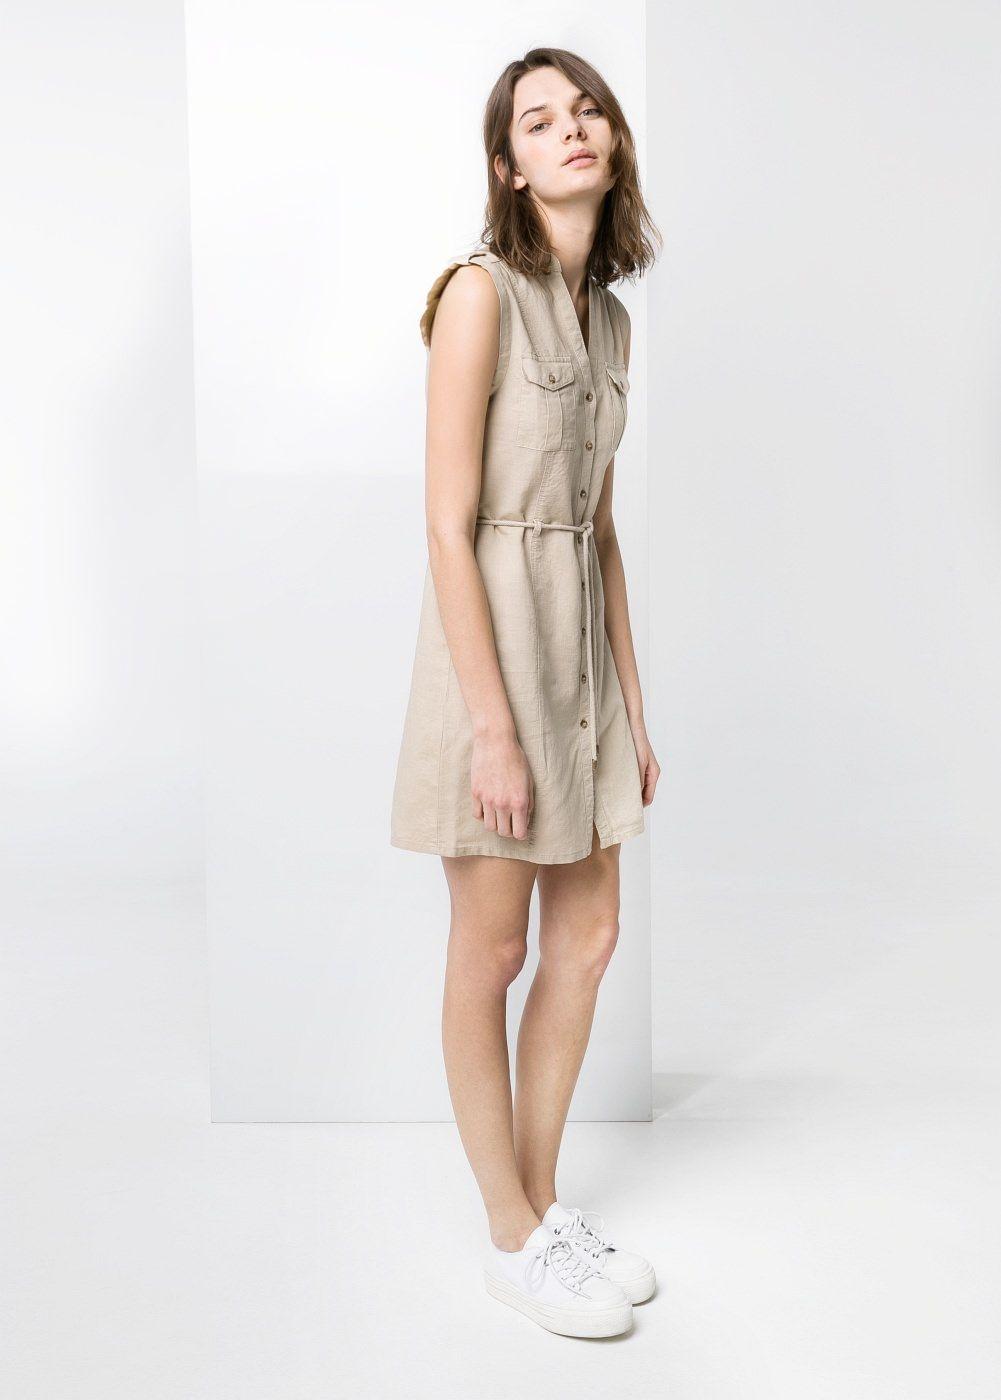 Bagcikli Gomlek Elbise Kadin Mango Turkiye Shirt Dress Mango Clothing Embroidered Dress